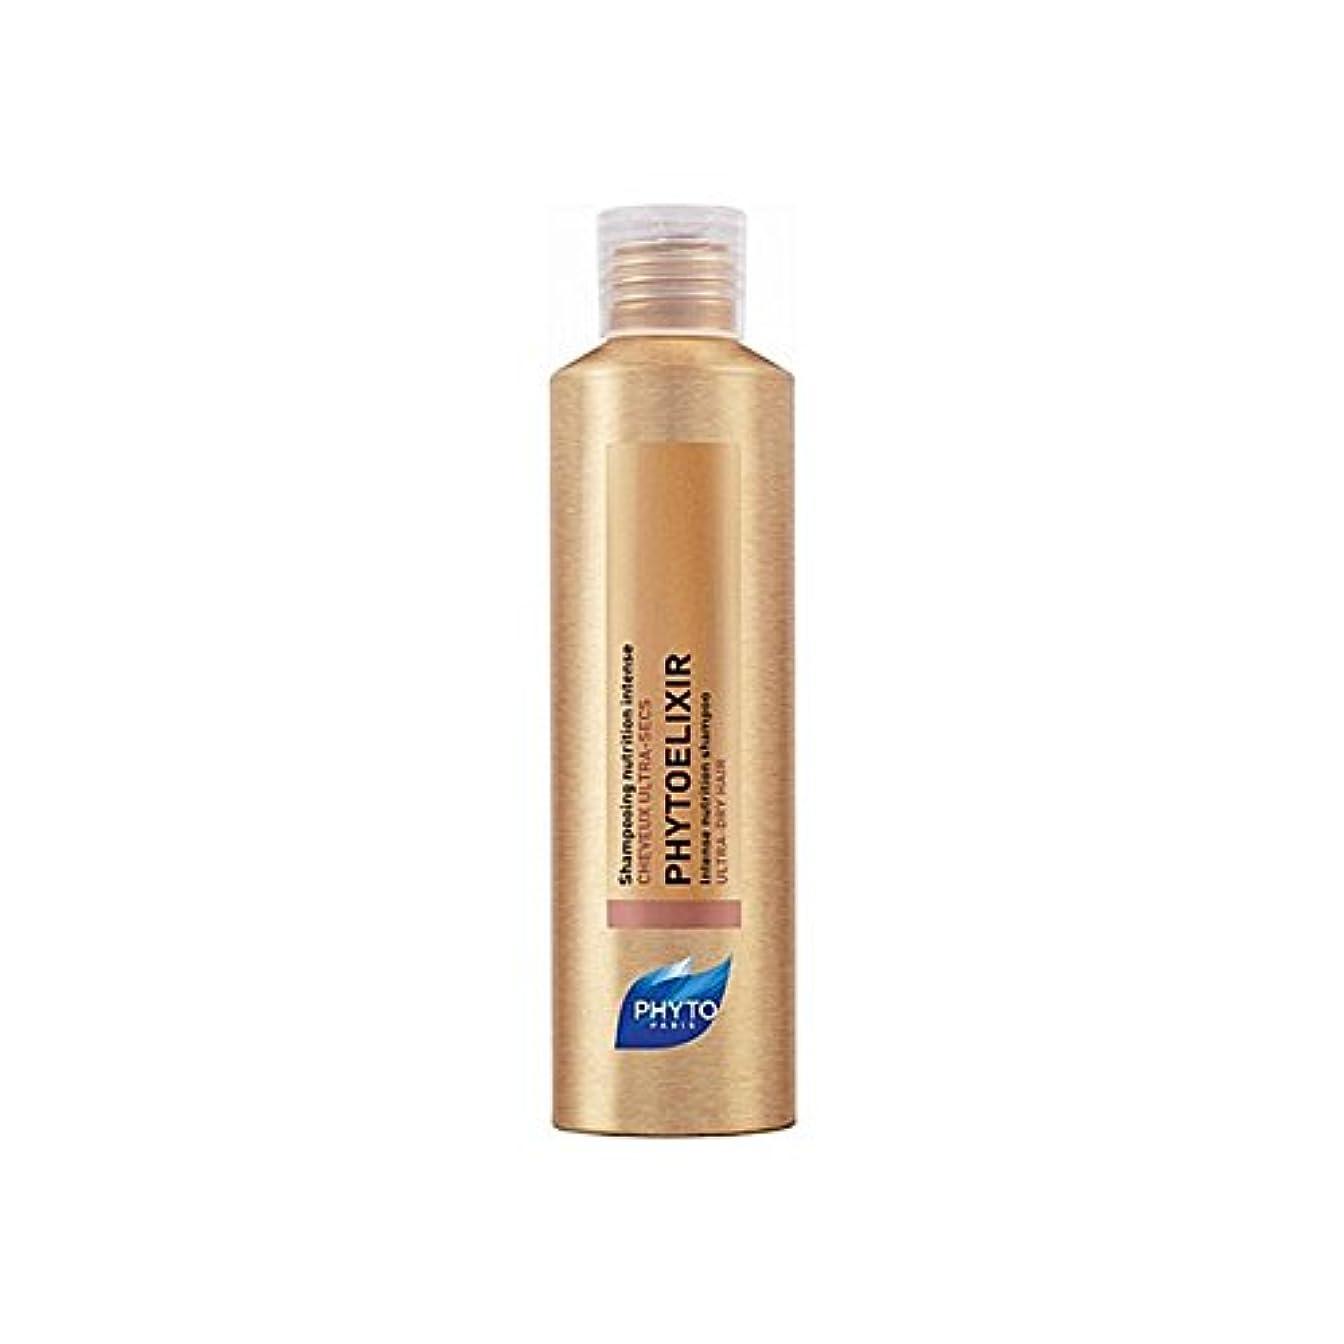 規制するひそかにキッチンフィトの強烈な栄養シャンプー x4 - Phyto Phytoelixir Intense Nutrition Shampoo (Pack of 4) [並行輸入品]